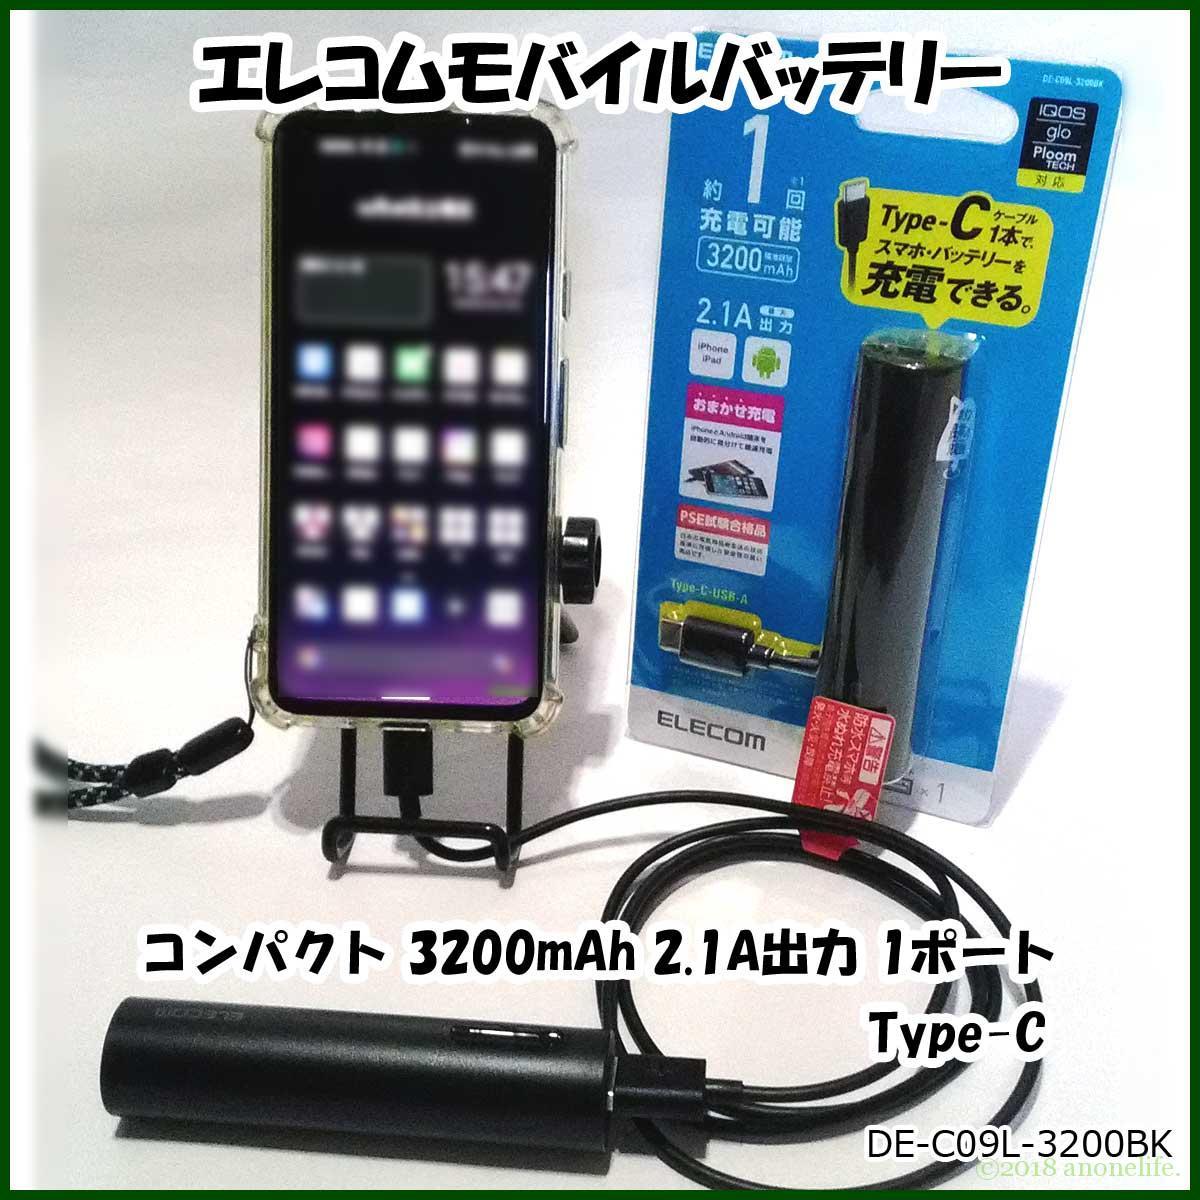 エレコム モバイルバッテリー Type-C DE-C09L-3200BK